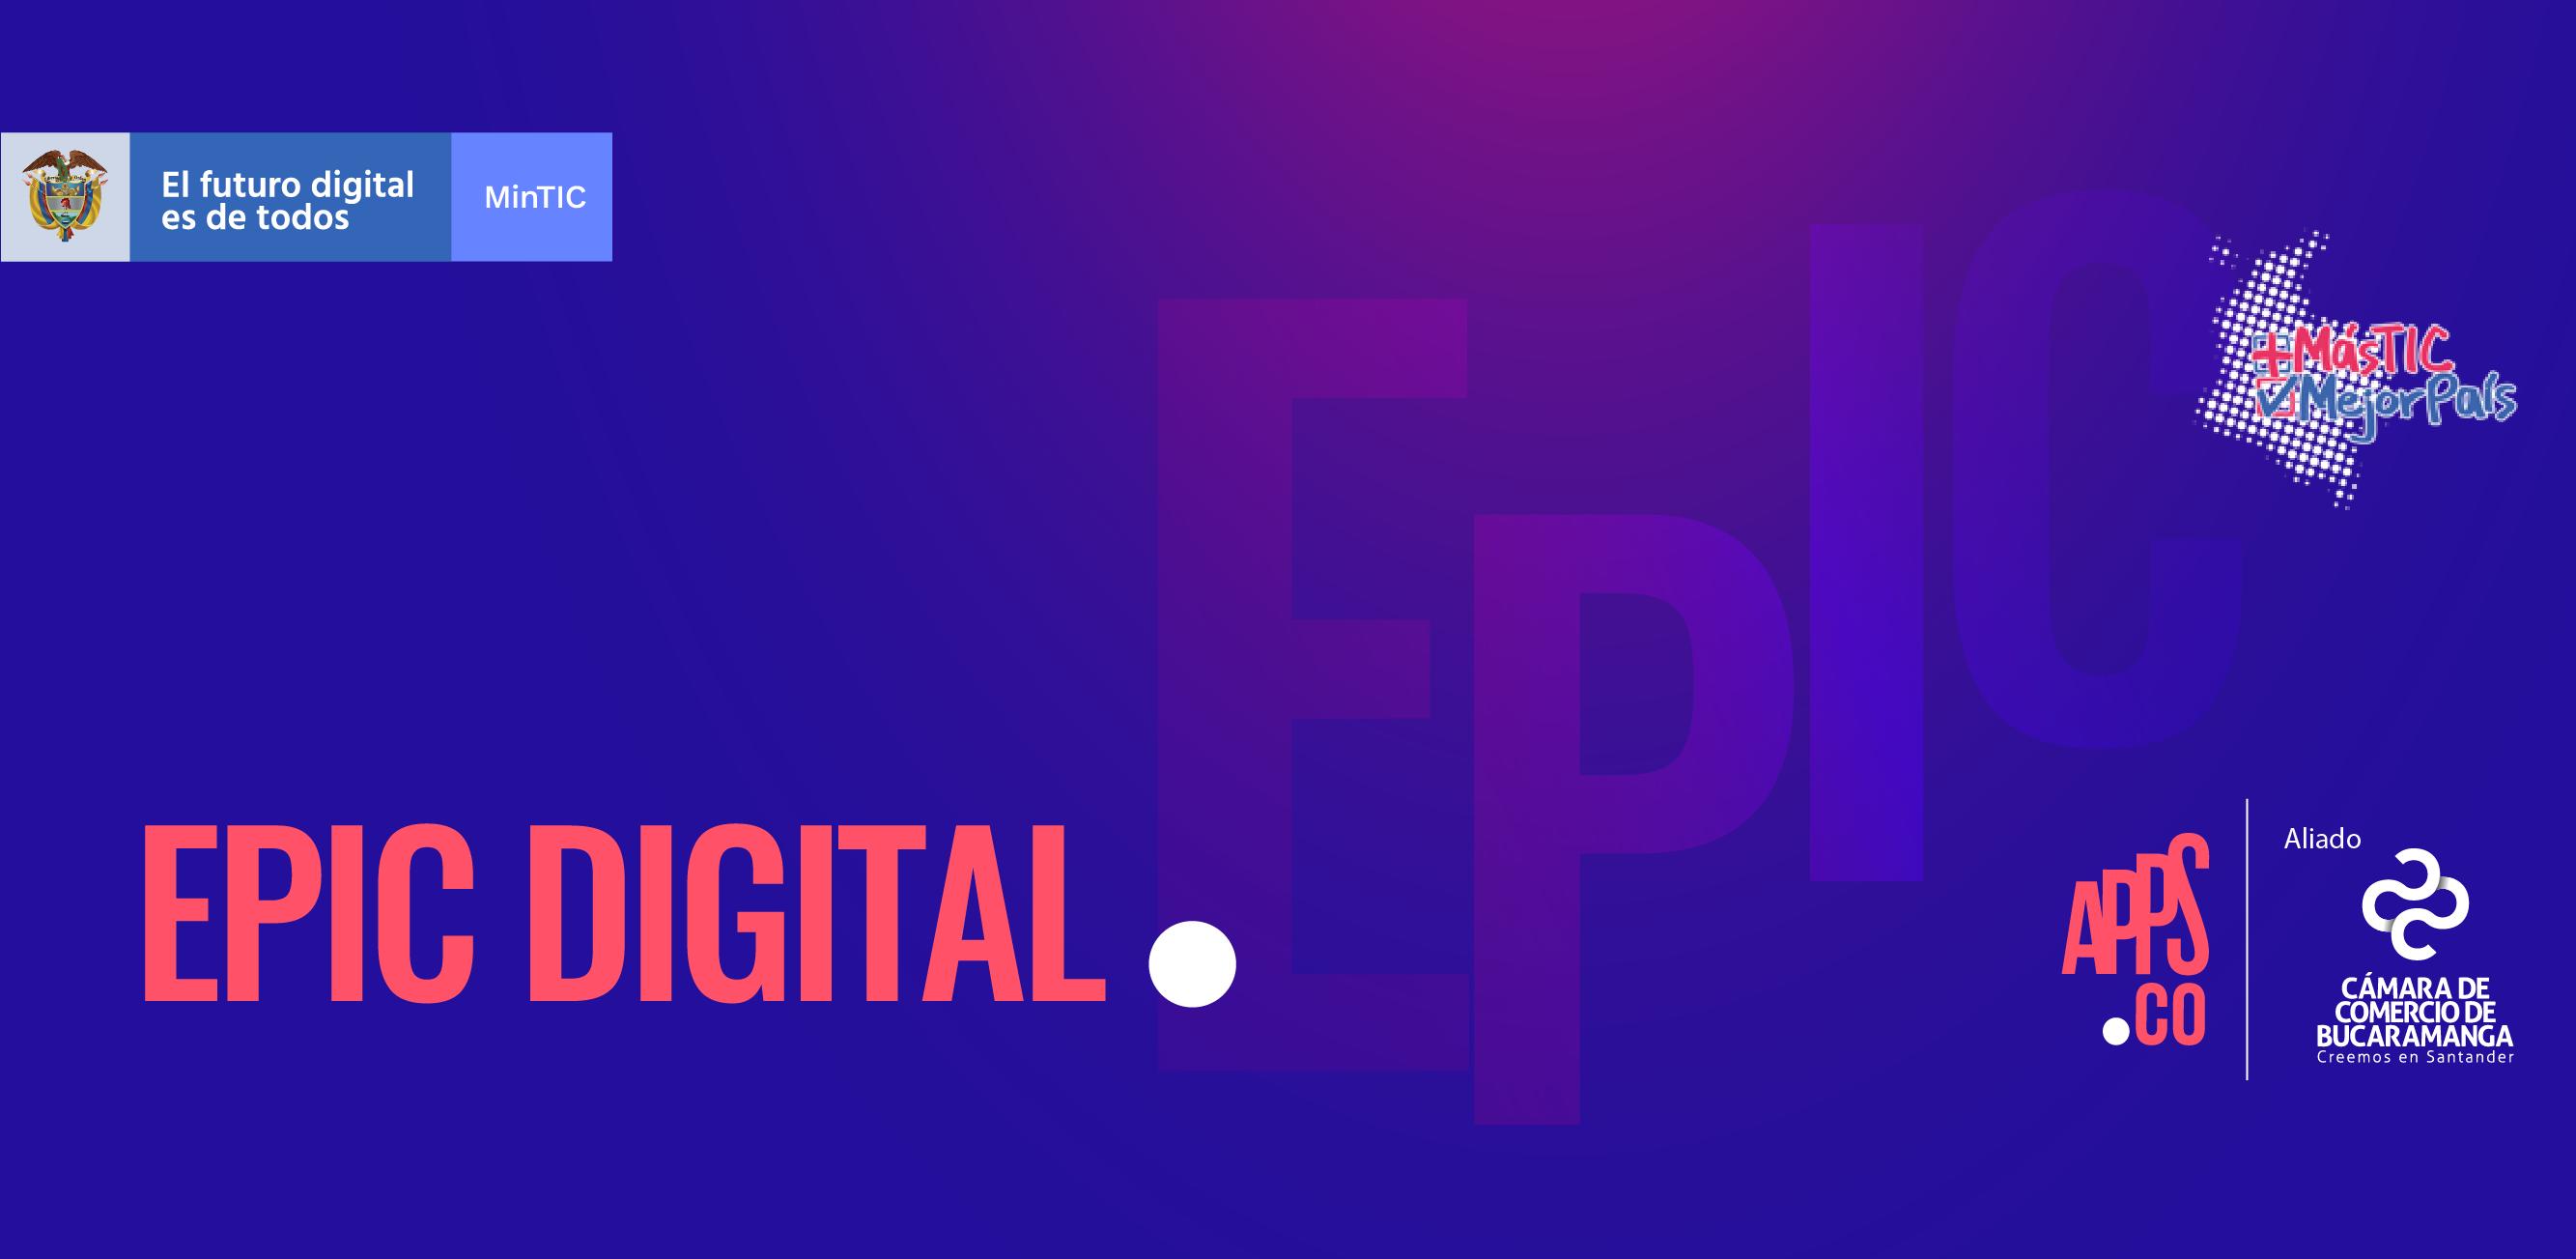 Mujeres creativas rompen paradigmas y le apuestan al sector de industrias digitales